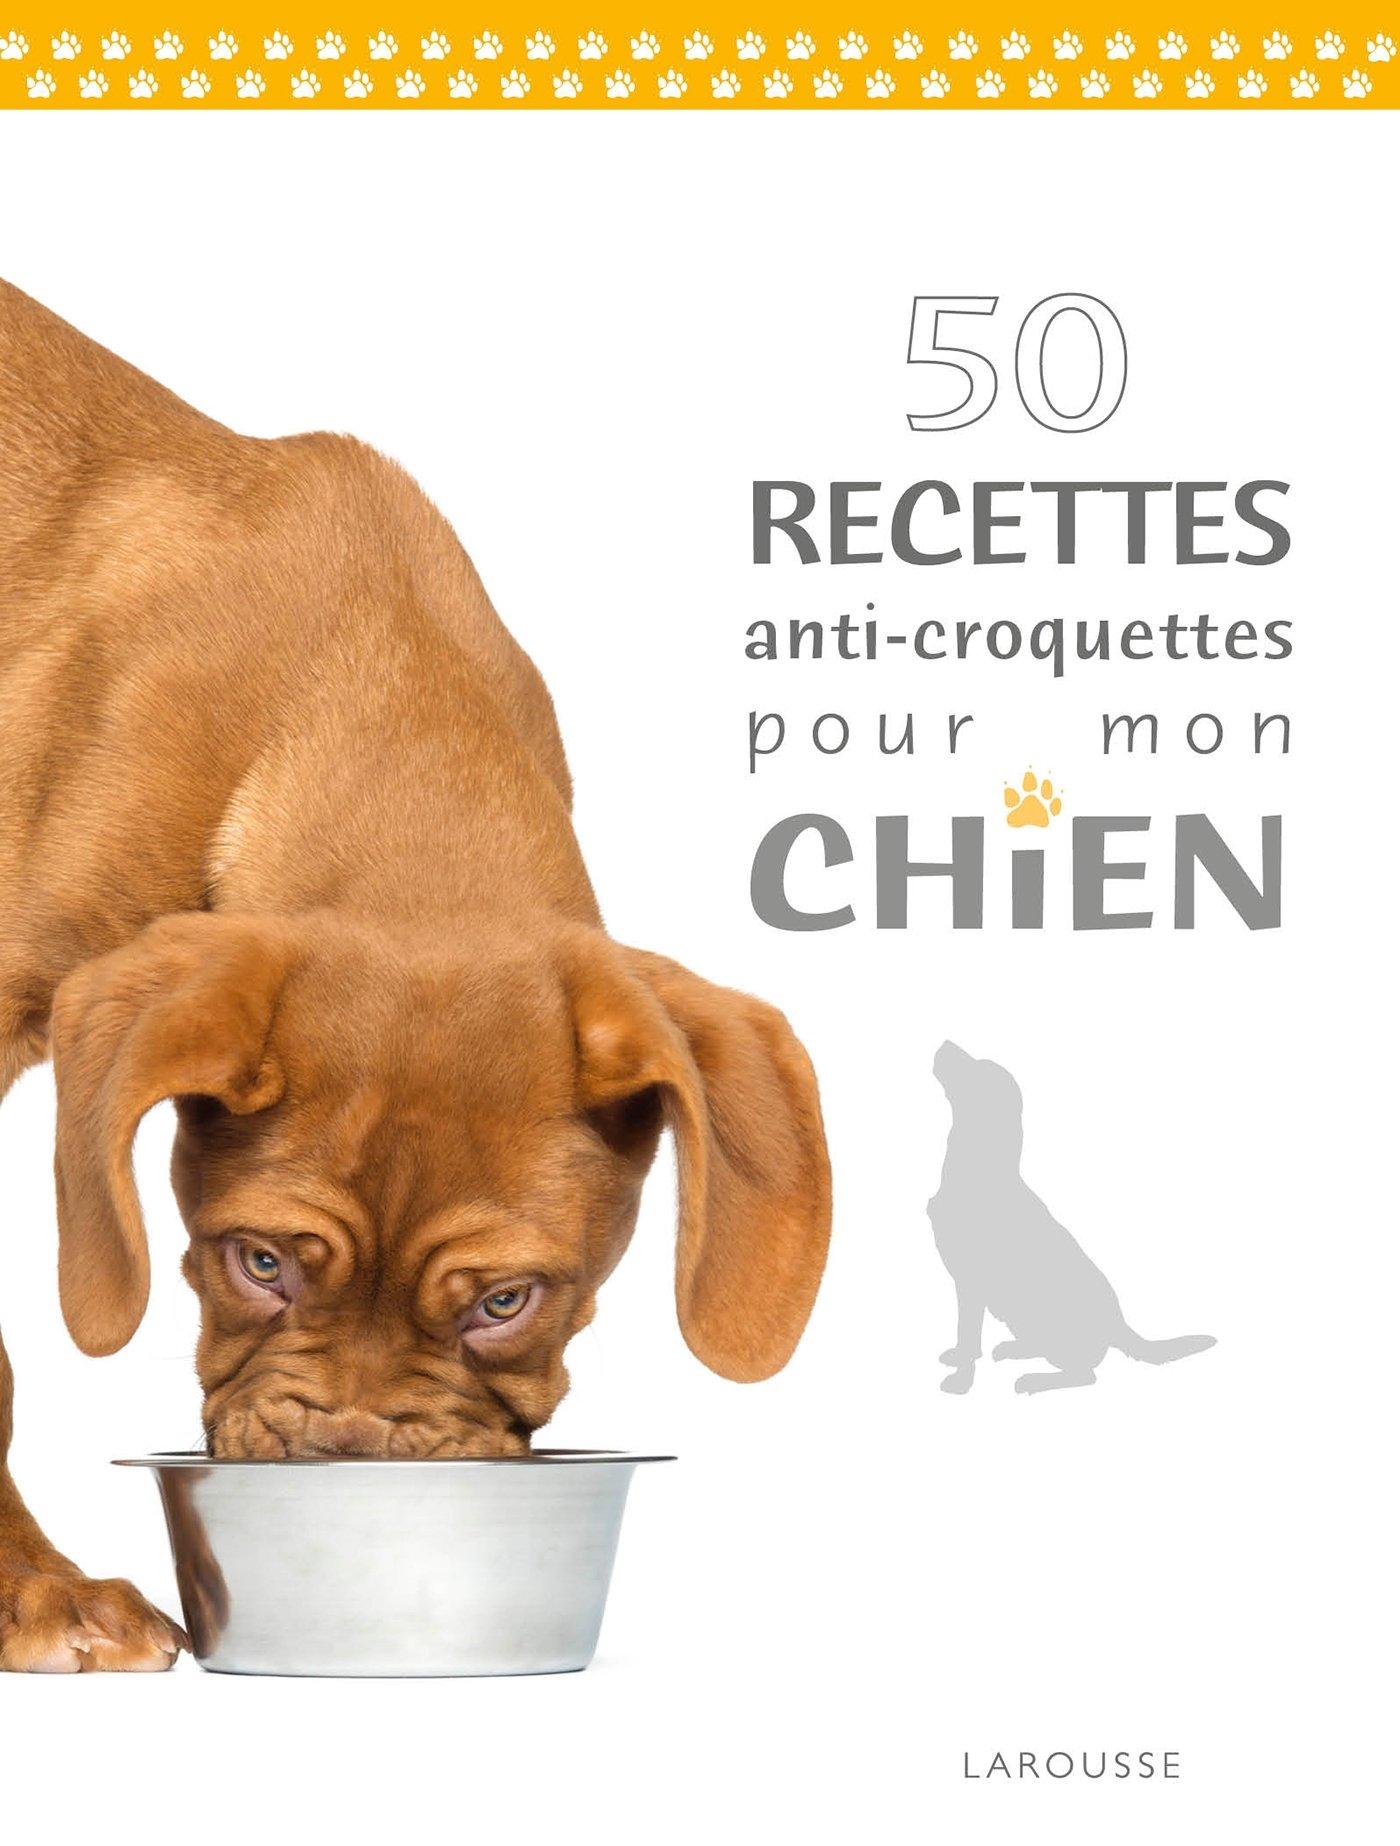 Croquettes ou repas maison chien ventana blog - Croquette pour chien fait maison ...